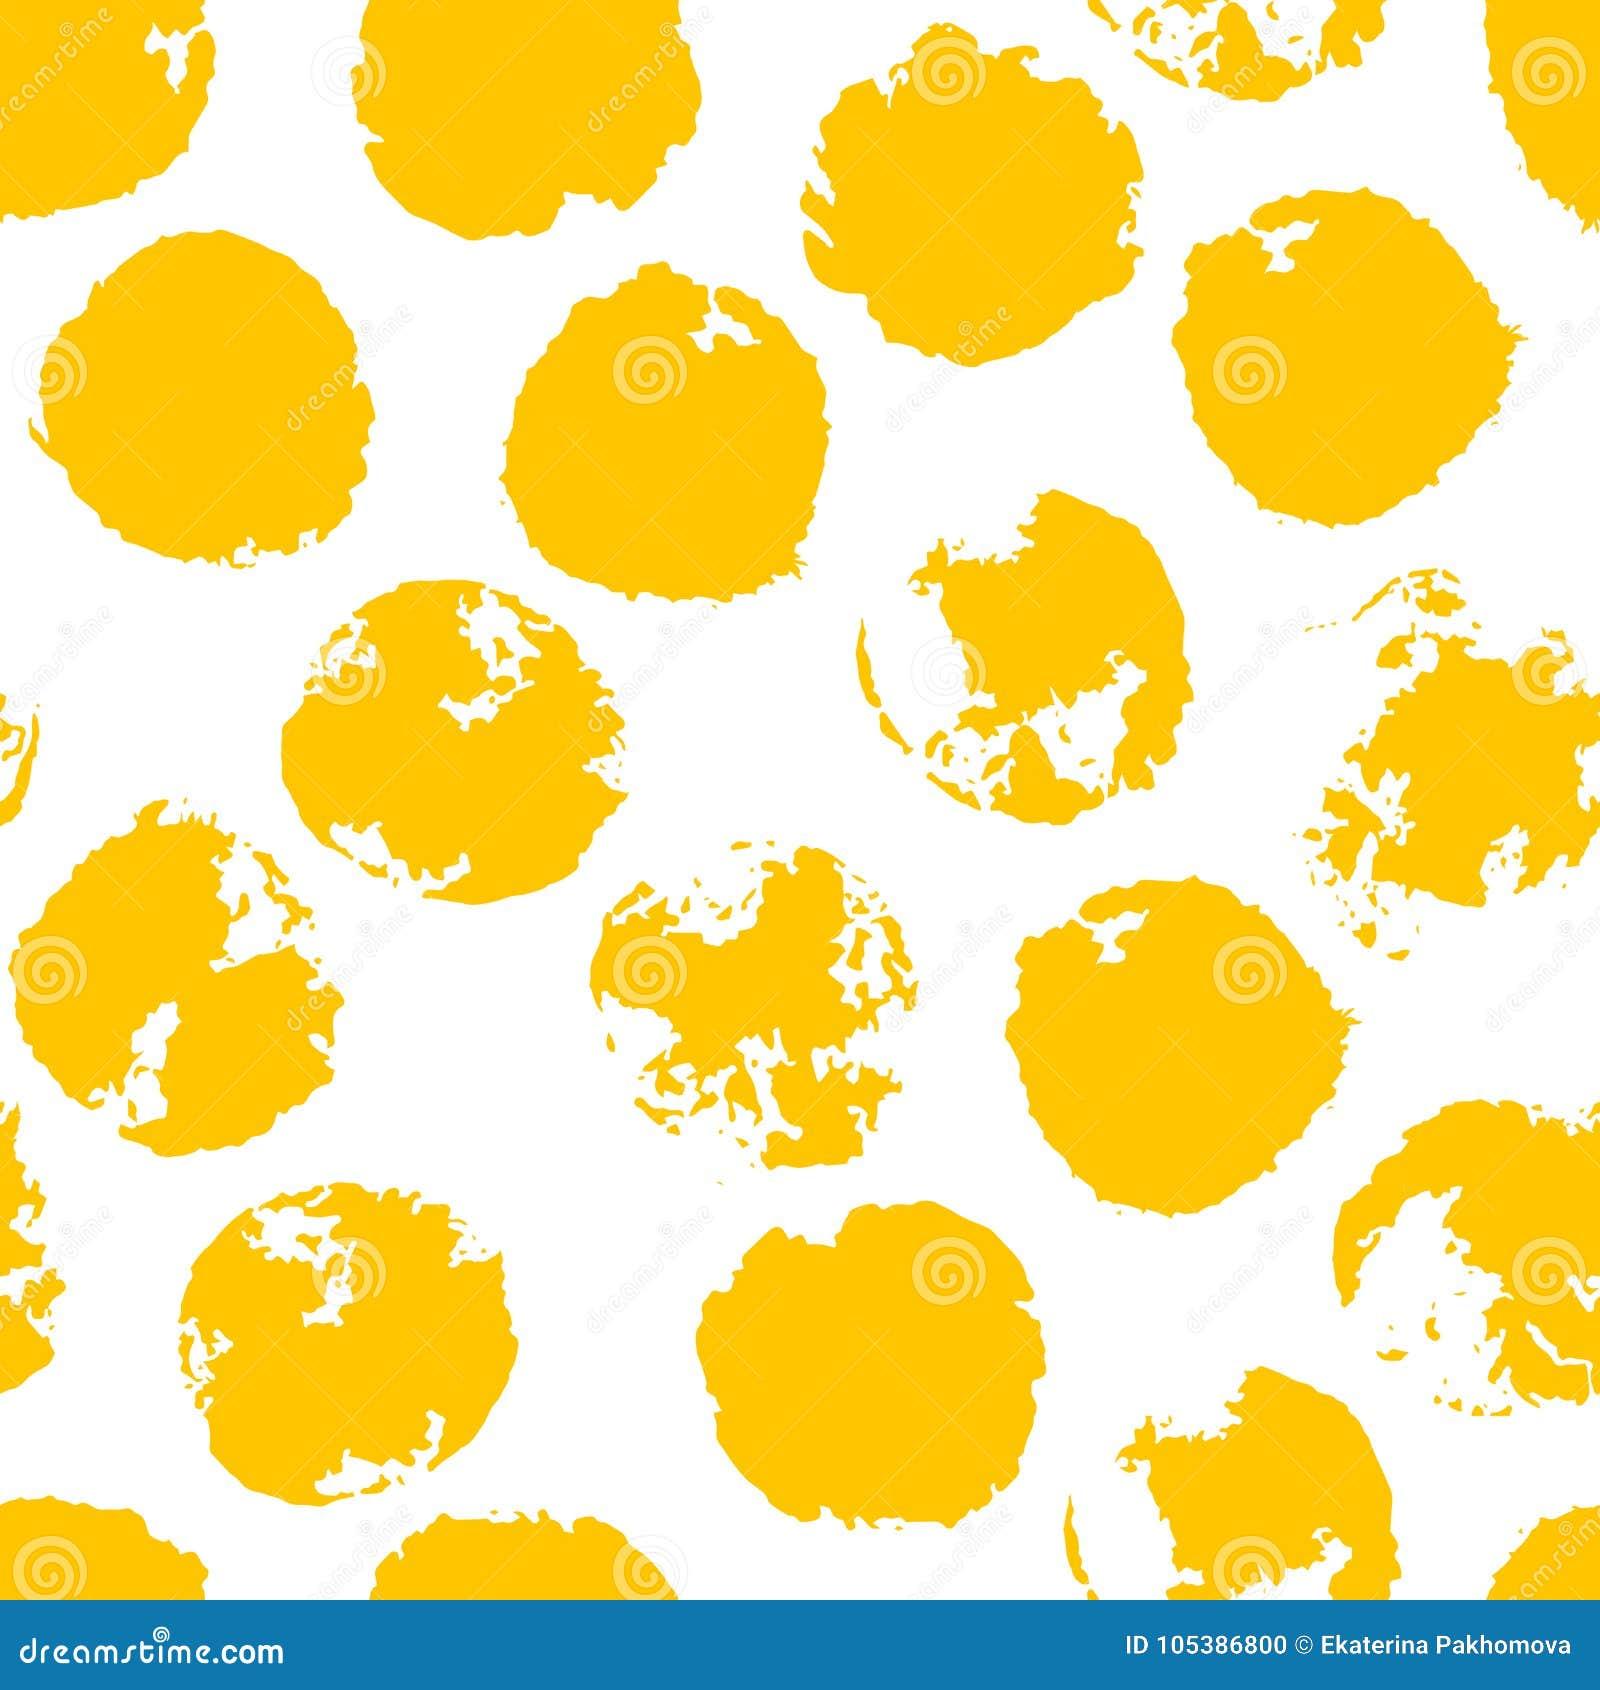 Point de polka grunge malpropre jaune Modèle sans couture pointillé sale